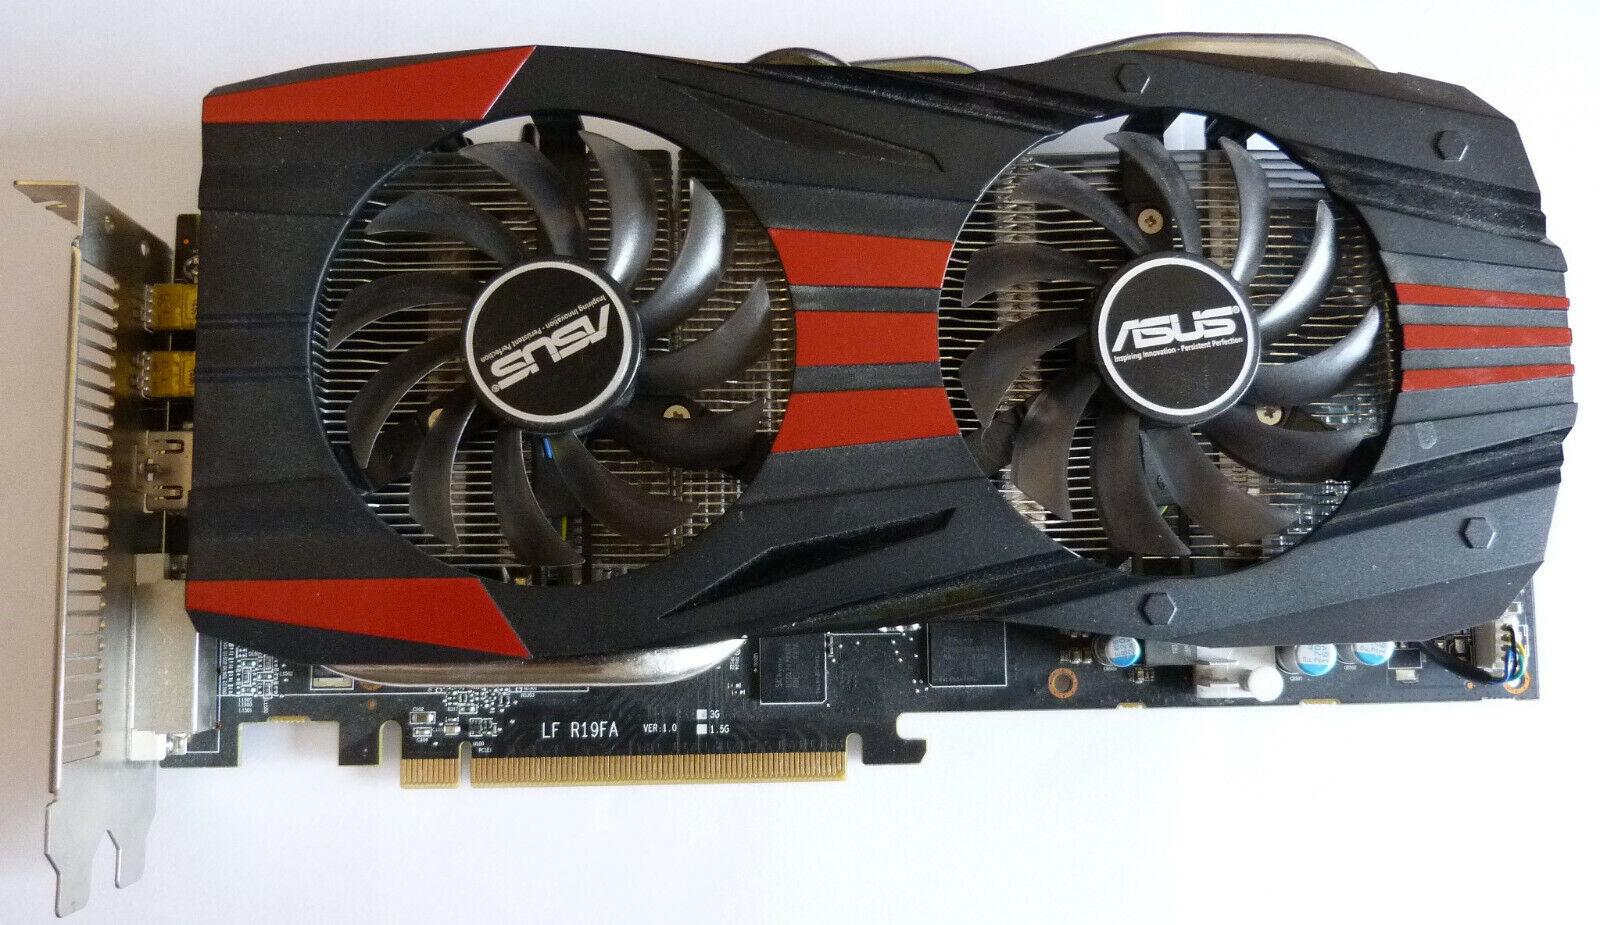 AMD Radeon R9 280X 3GB DDR5 PCI-E Grafikkarte Lüfter getauscht